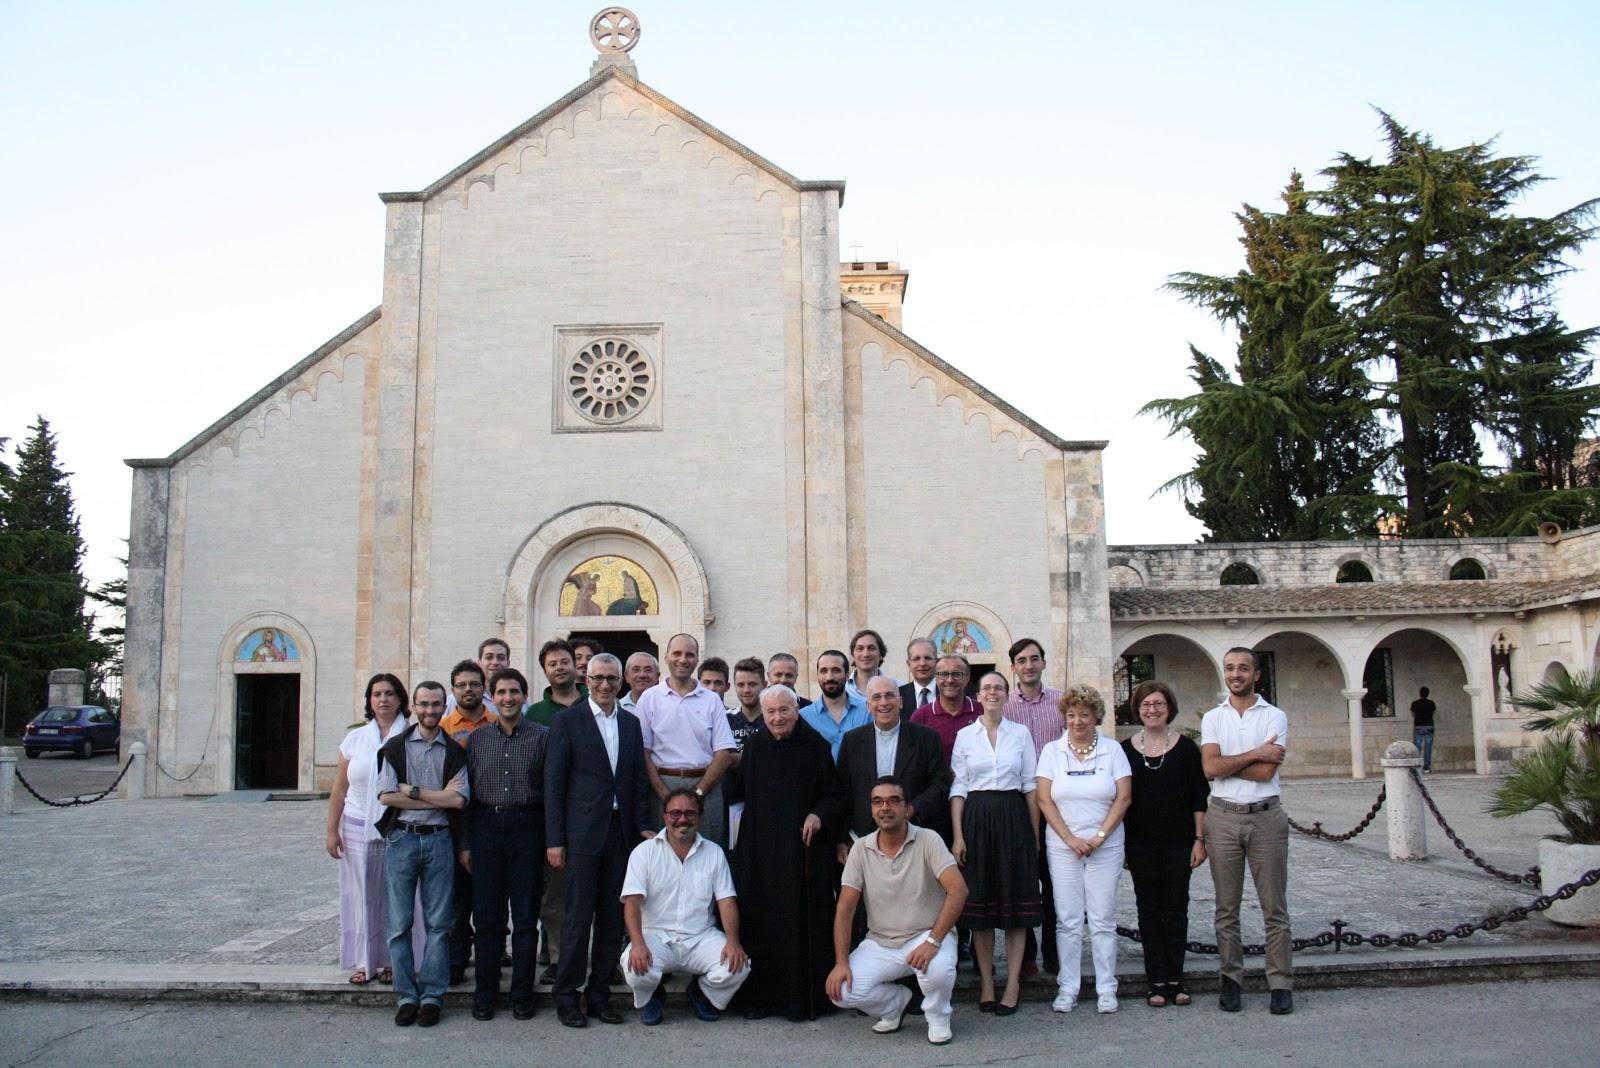 L'atto costitutivo della Scuola Ecclesia Mater